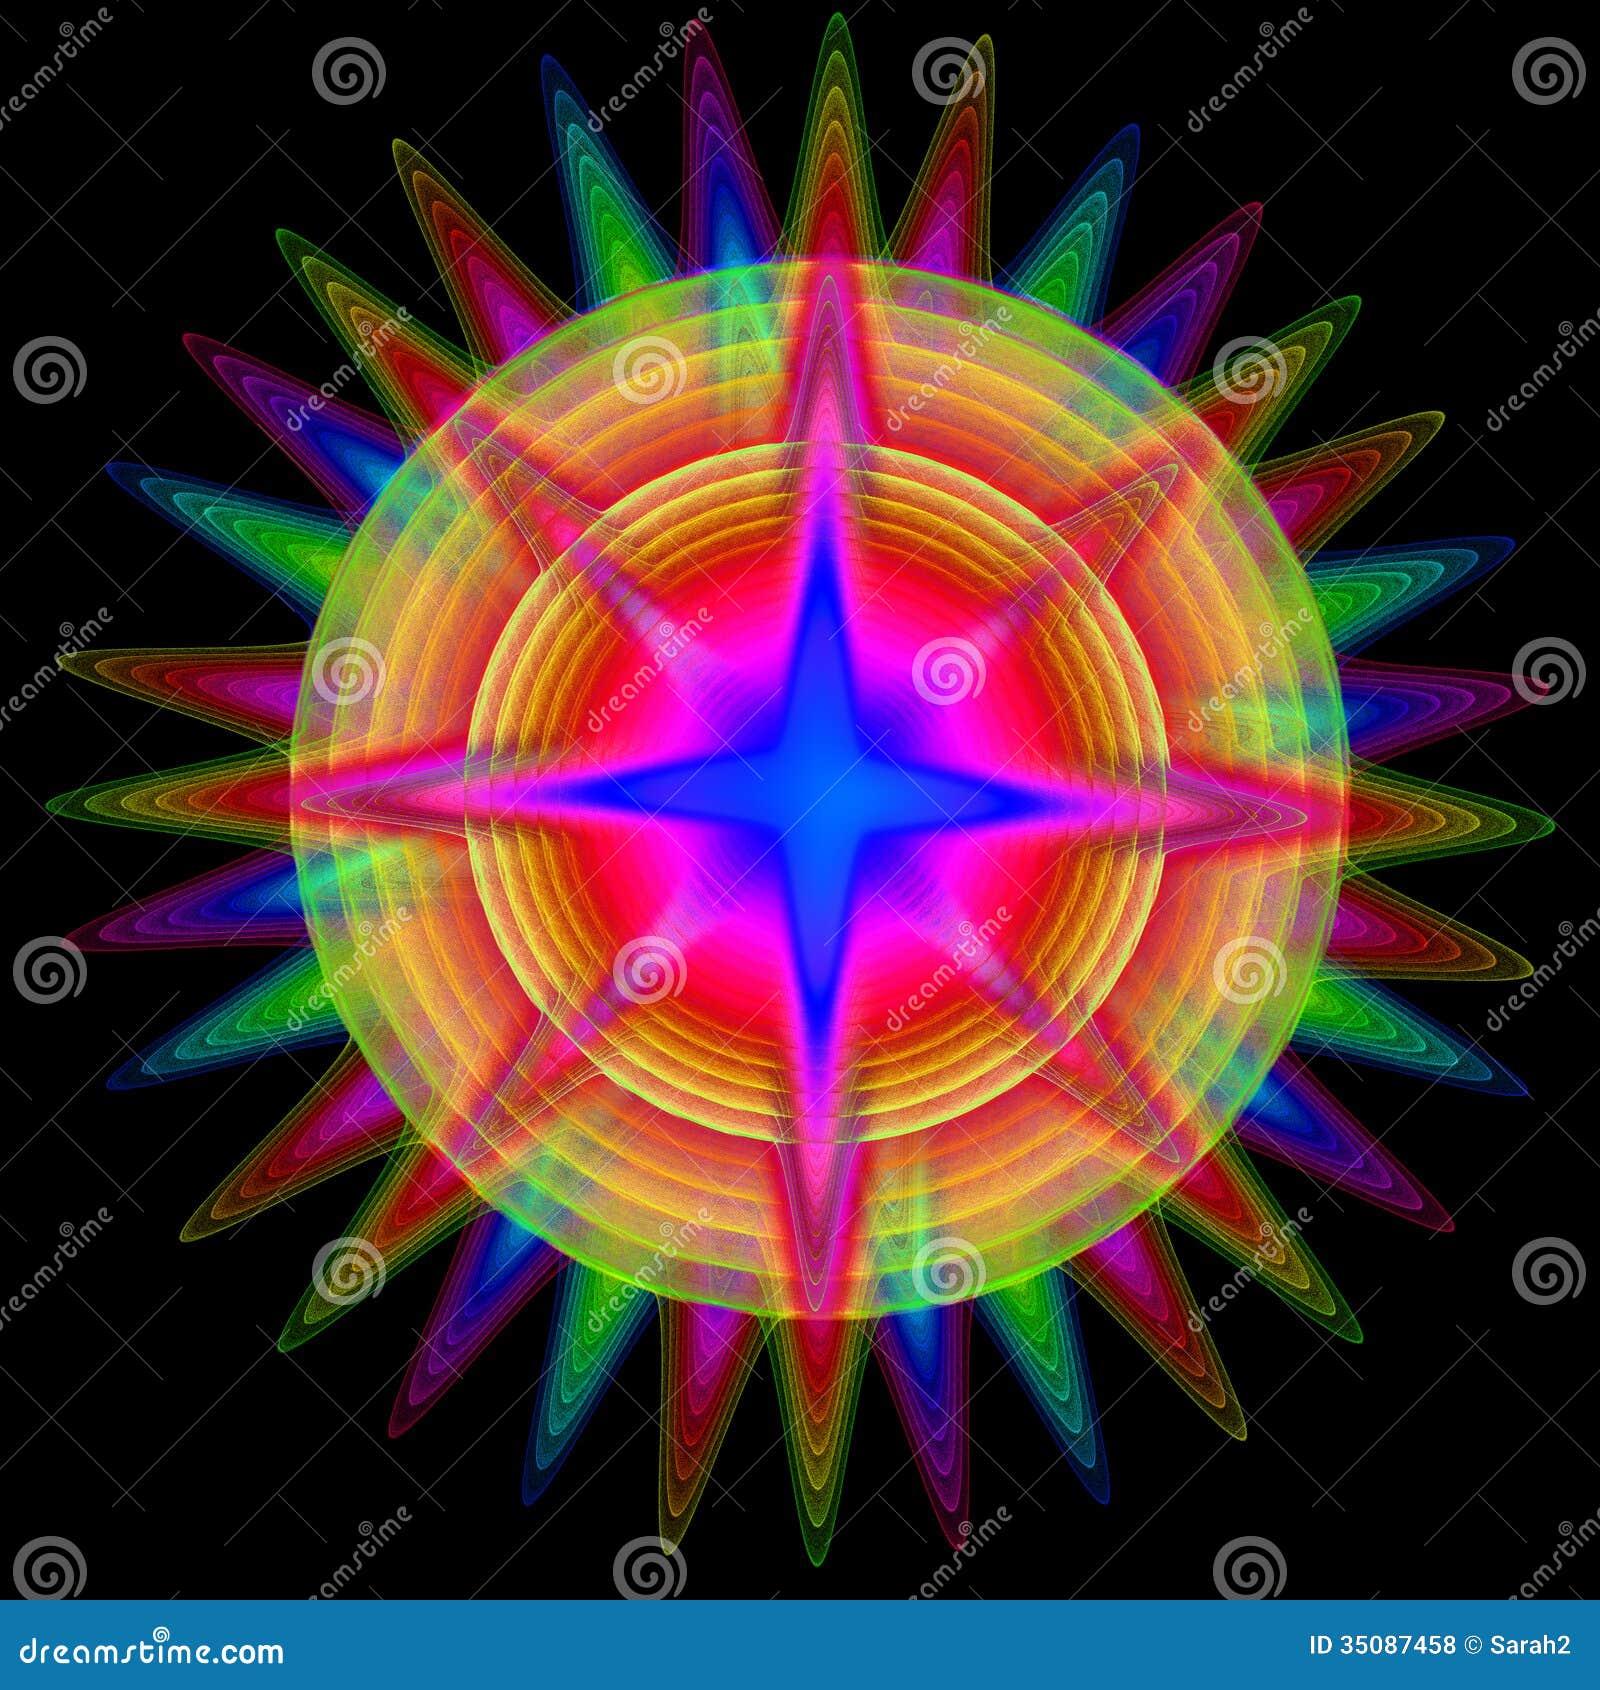 abstractstars abstract stars patterns - photo #21